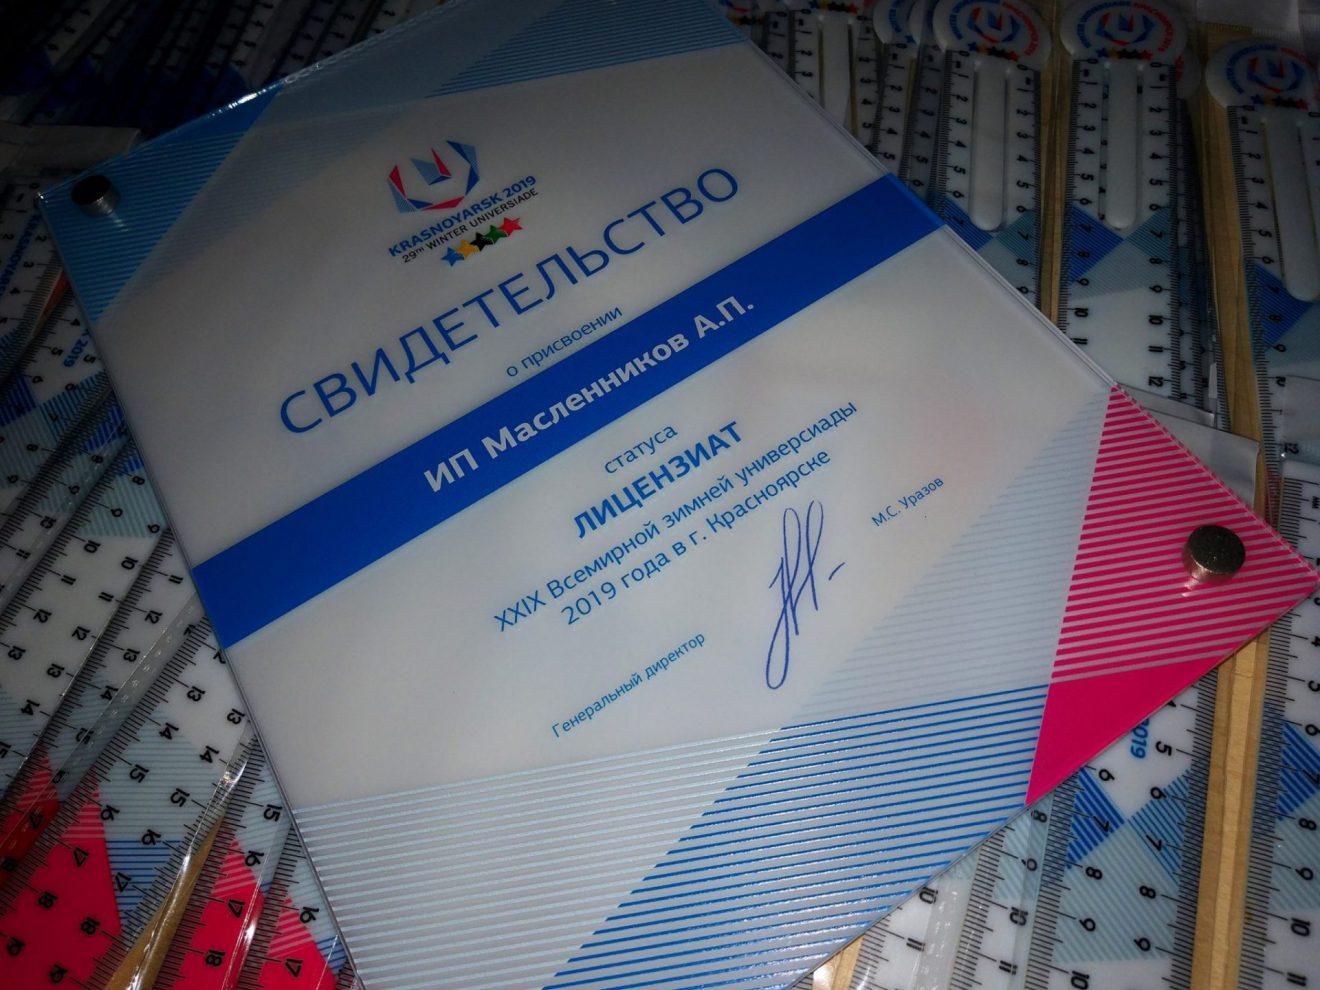 Получение статуса лицензиата XXIX Всемирной зимней Универсиады 2019 года в г.Красноярске